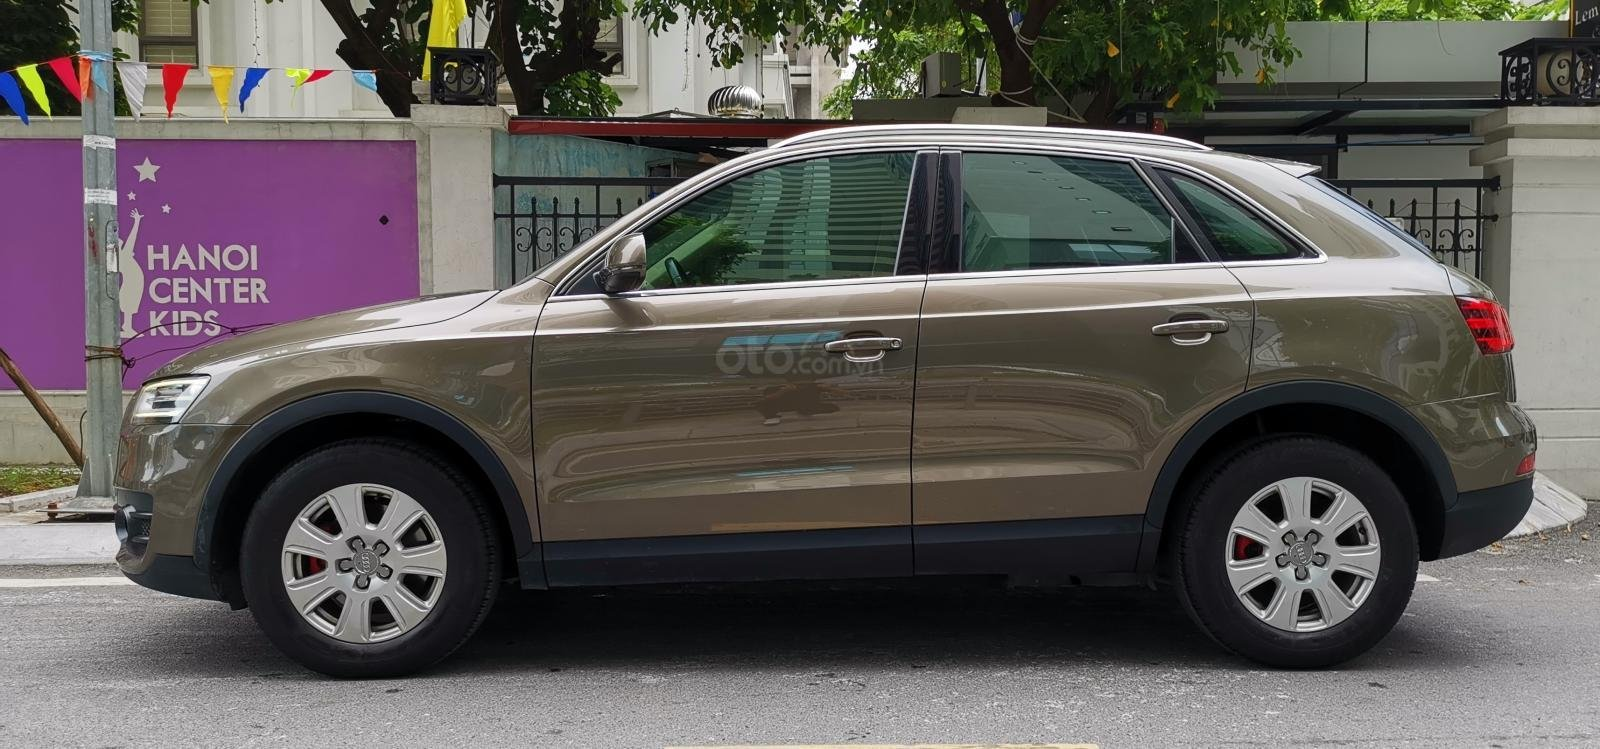 Cần bán Audi Q3 sản xuất 2015 nhập khẩu (3)